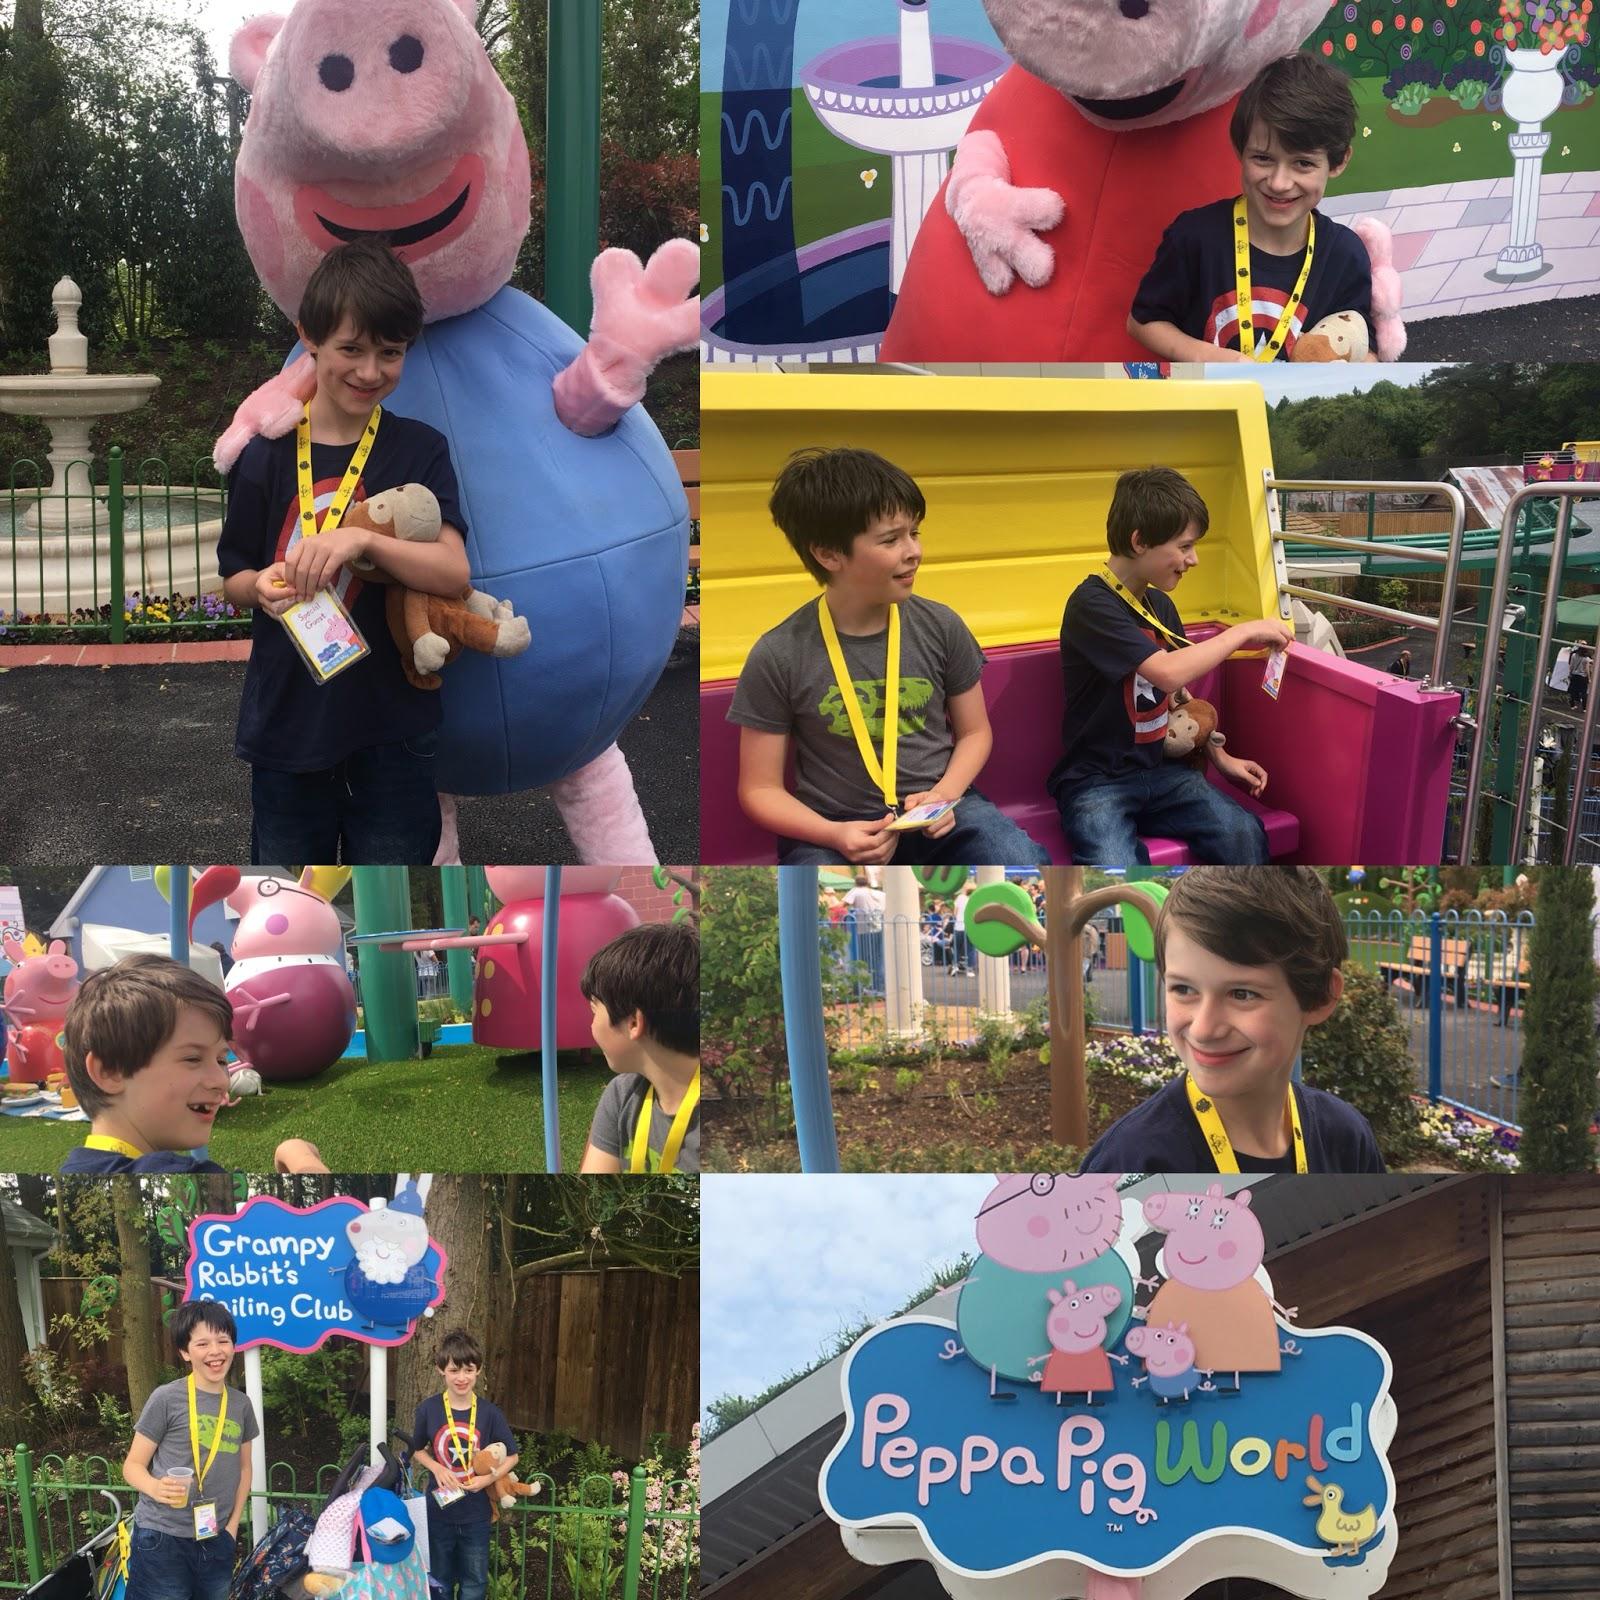 2 New Rides At Peppa Pig World